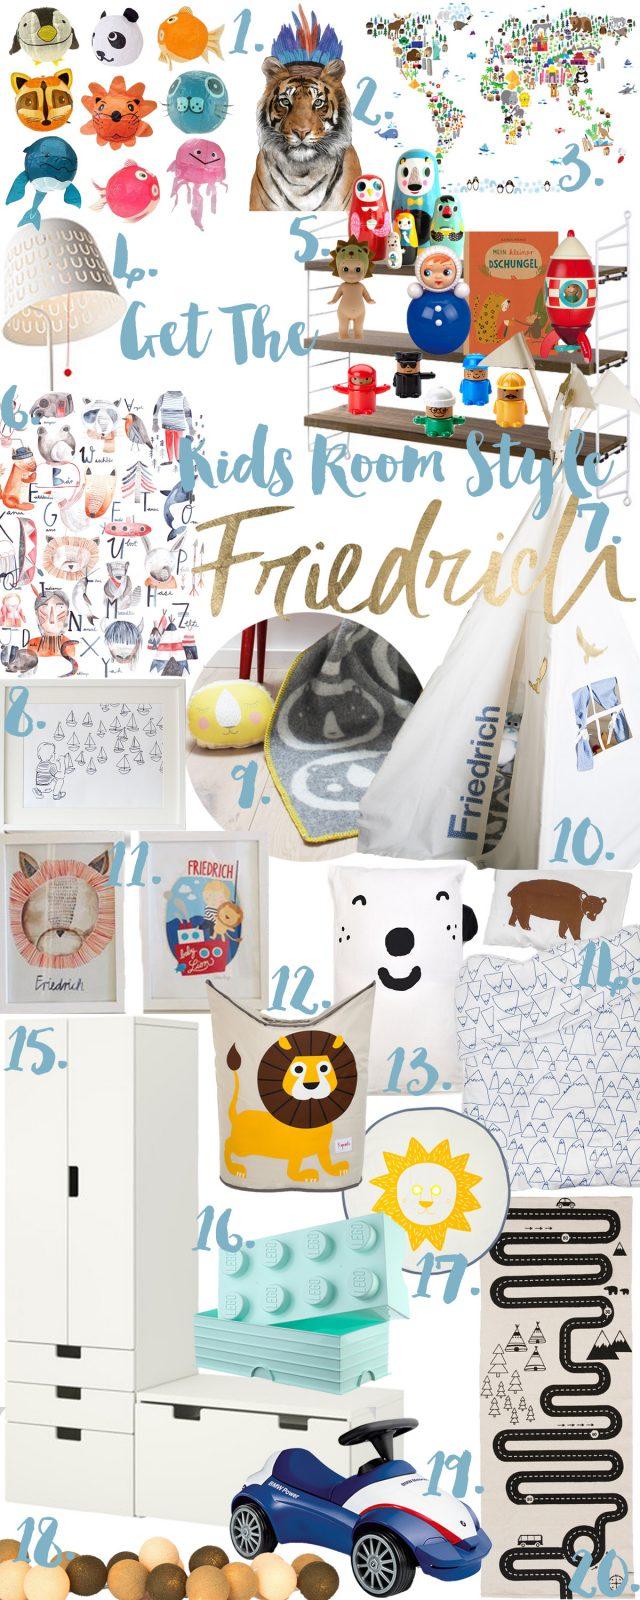 Friedrichs neues Kinderzimmer Lieblingsprodukte